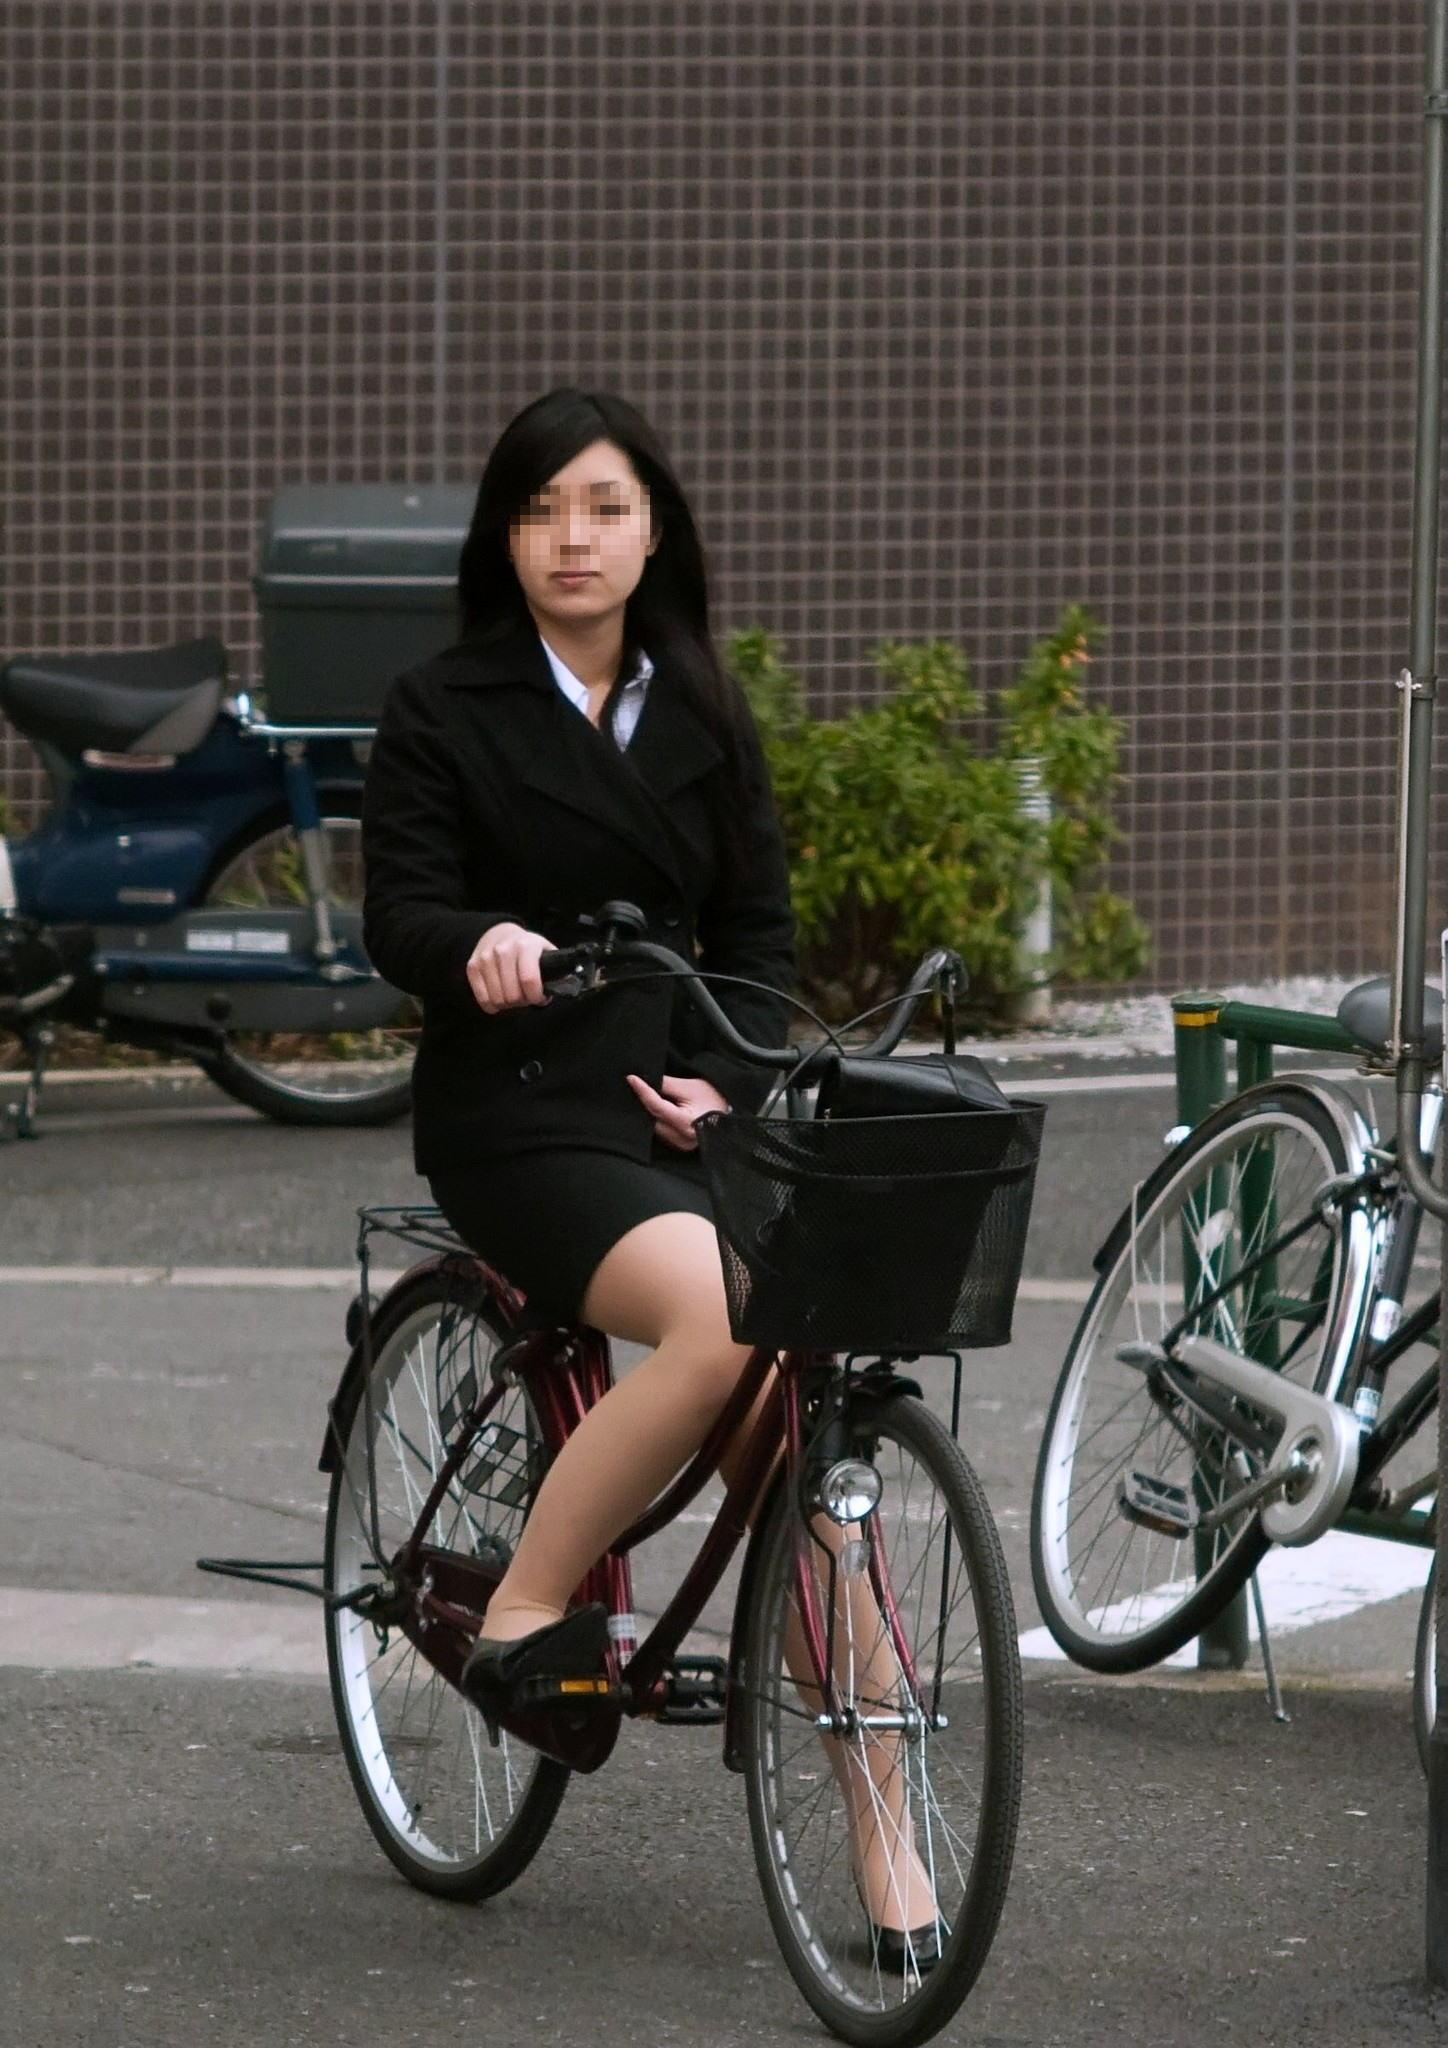 自転車OLタイトスカートずり上げ盗撮エロ画像10枚目